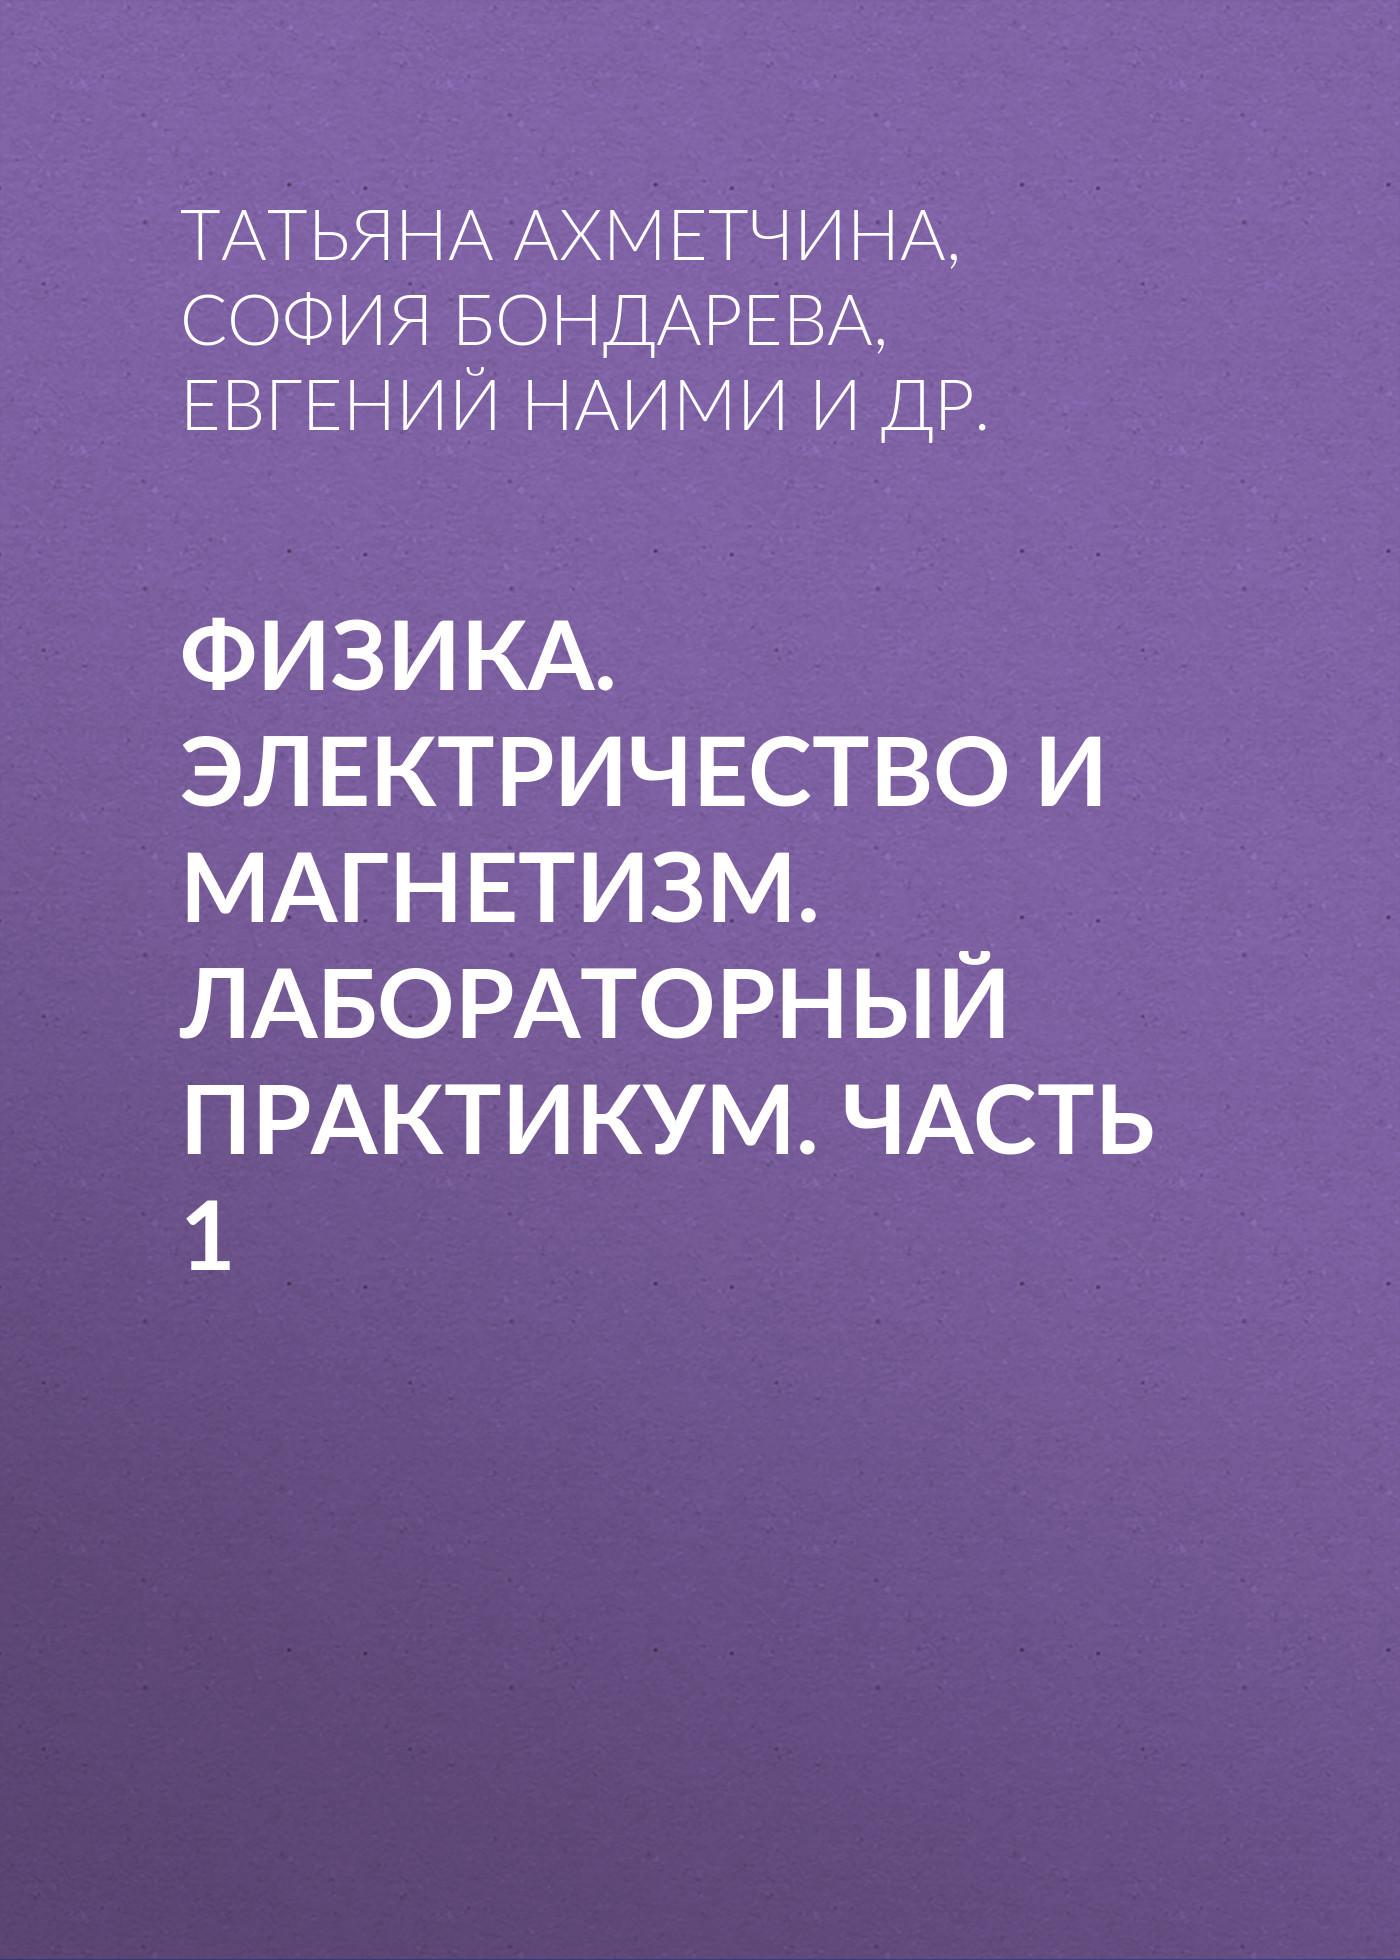 Евгений Наими. Физика. Электричество и магнетизм. Лабораторный практикум. Часть 1